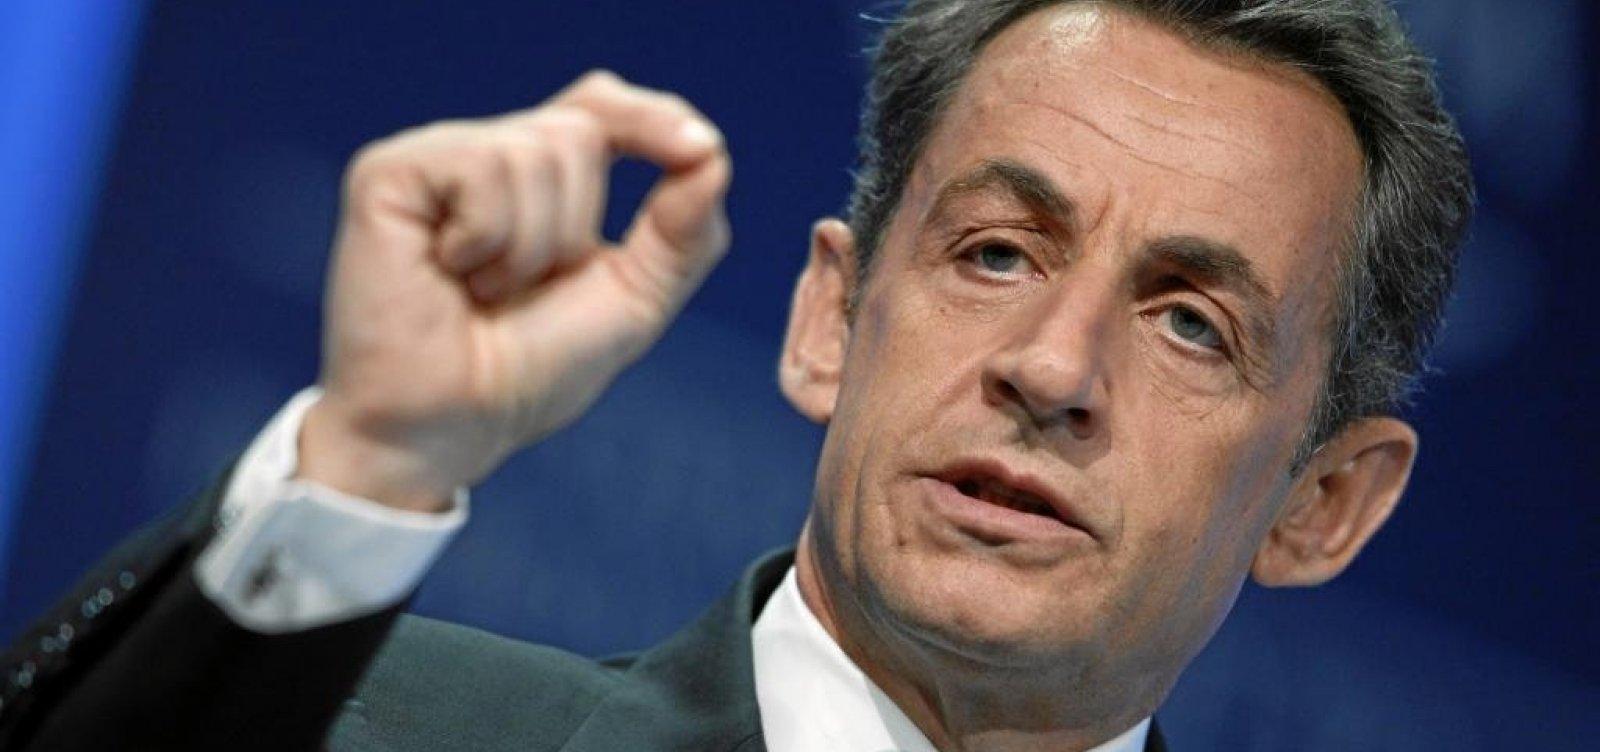 [Ex-presidente da França, Nicolas Sarkozy é condenado a três anos de prisão]